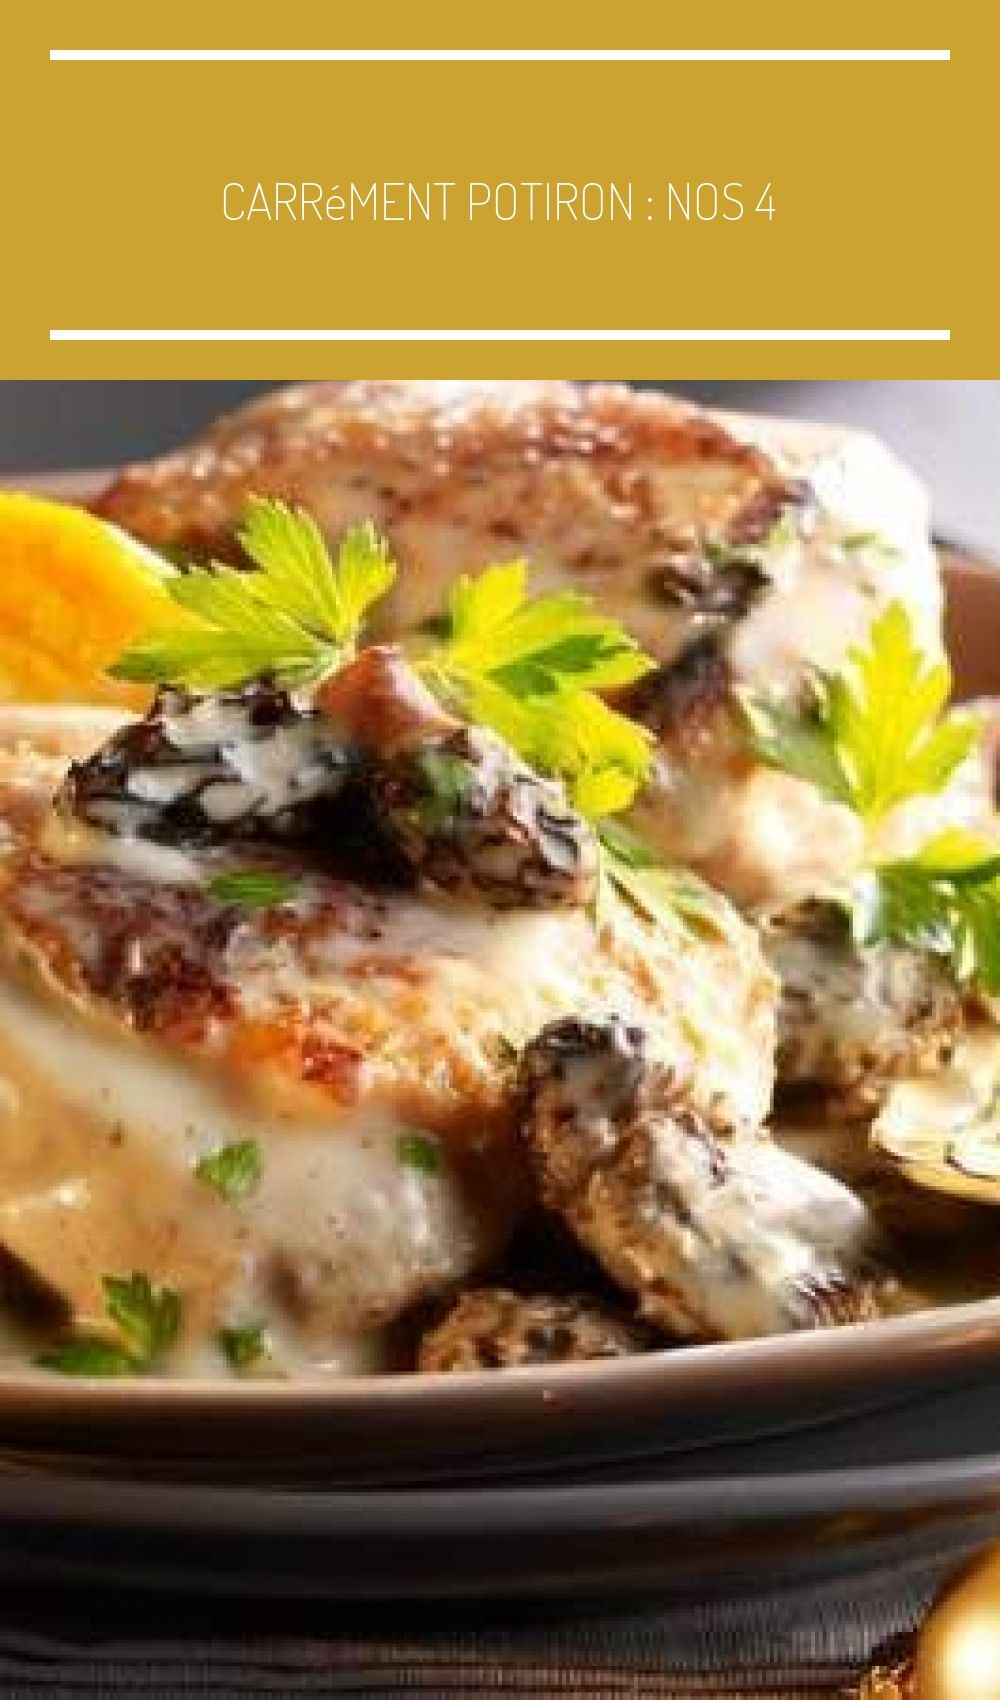 Carrément potiron : nos 40 meilleures recettes pour célébrer l'automne #saladeautomne Salade de potiron au fromage de chèvre - Carrément potiron : nos bonnes recettes pour célébrer l'automne - #saladeautomne Carrément potiron : nos 40 meilleures recettes pour célébrer l'automne #saladeautomne Salade de potiron au fromage de chèvre - Carrément potiron : nos bonnes recettes pour célébrer l'automne - #recettes automne potiron #saladeautomne